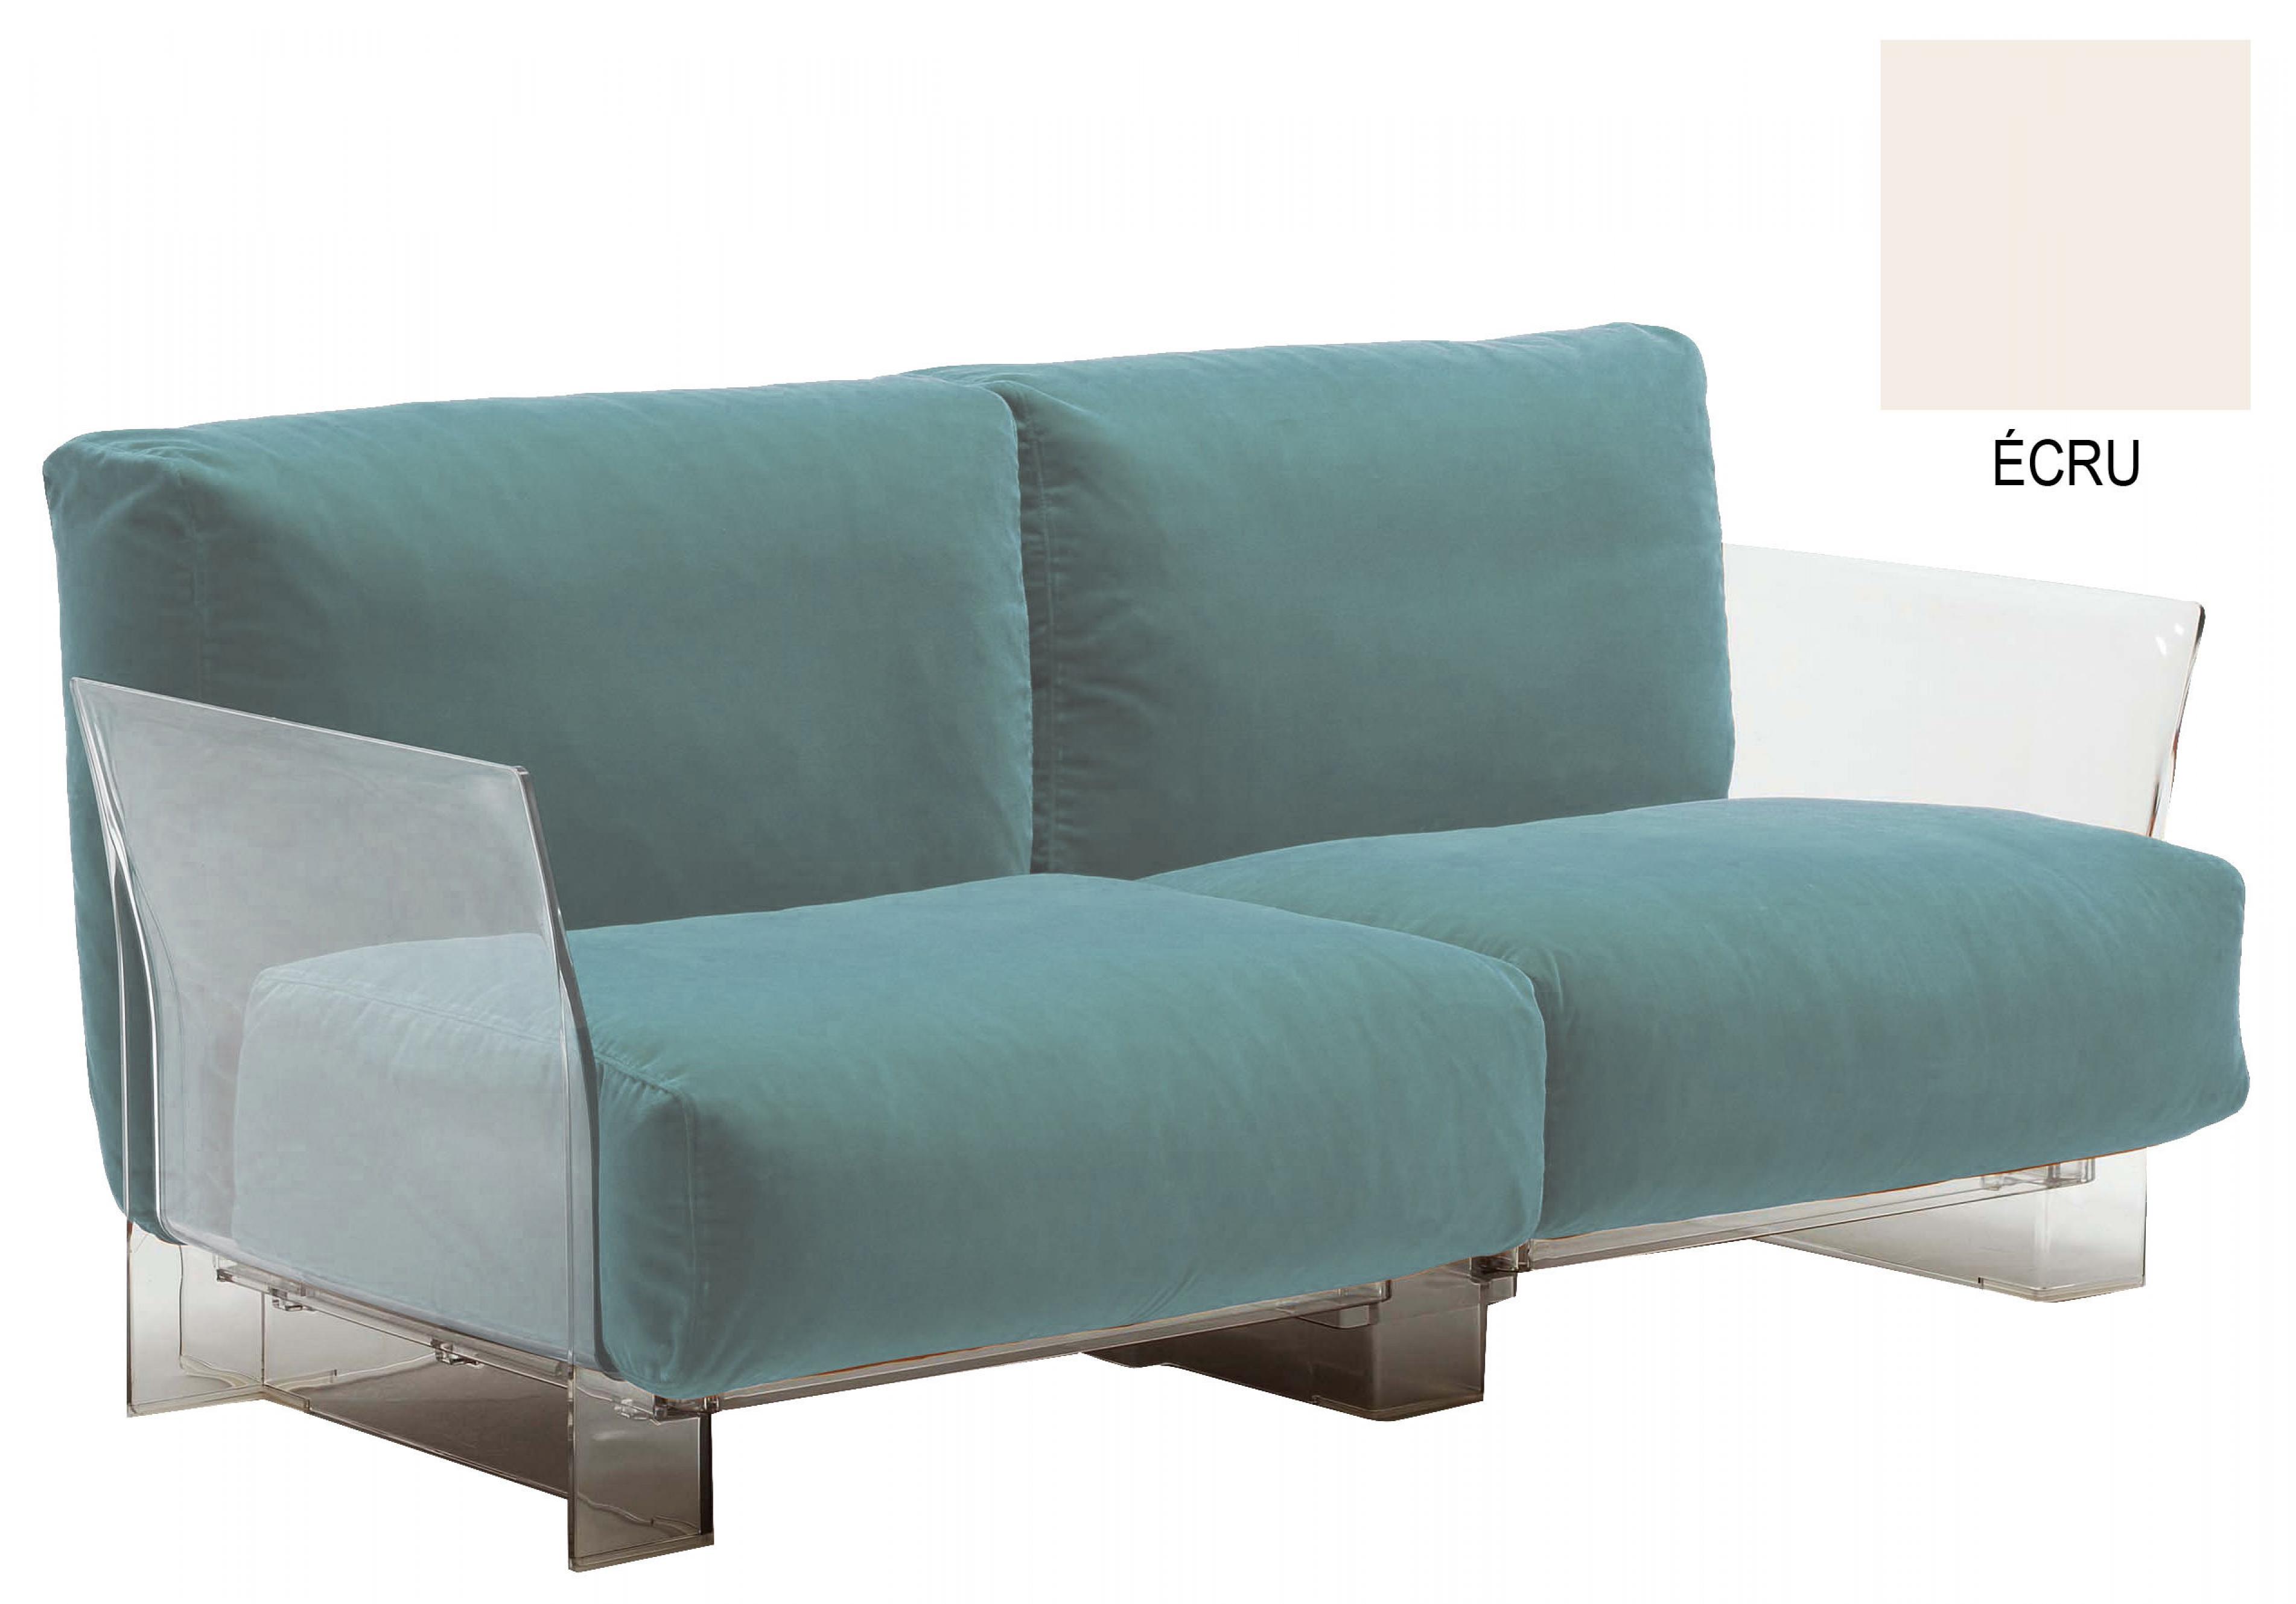 canap convertible habitat avis univers canap. Black Bedroom Furniture Sets. Home Design Ideas